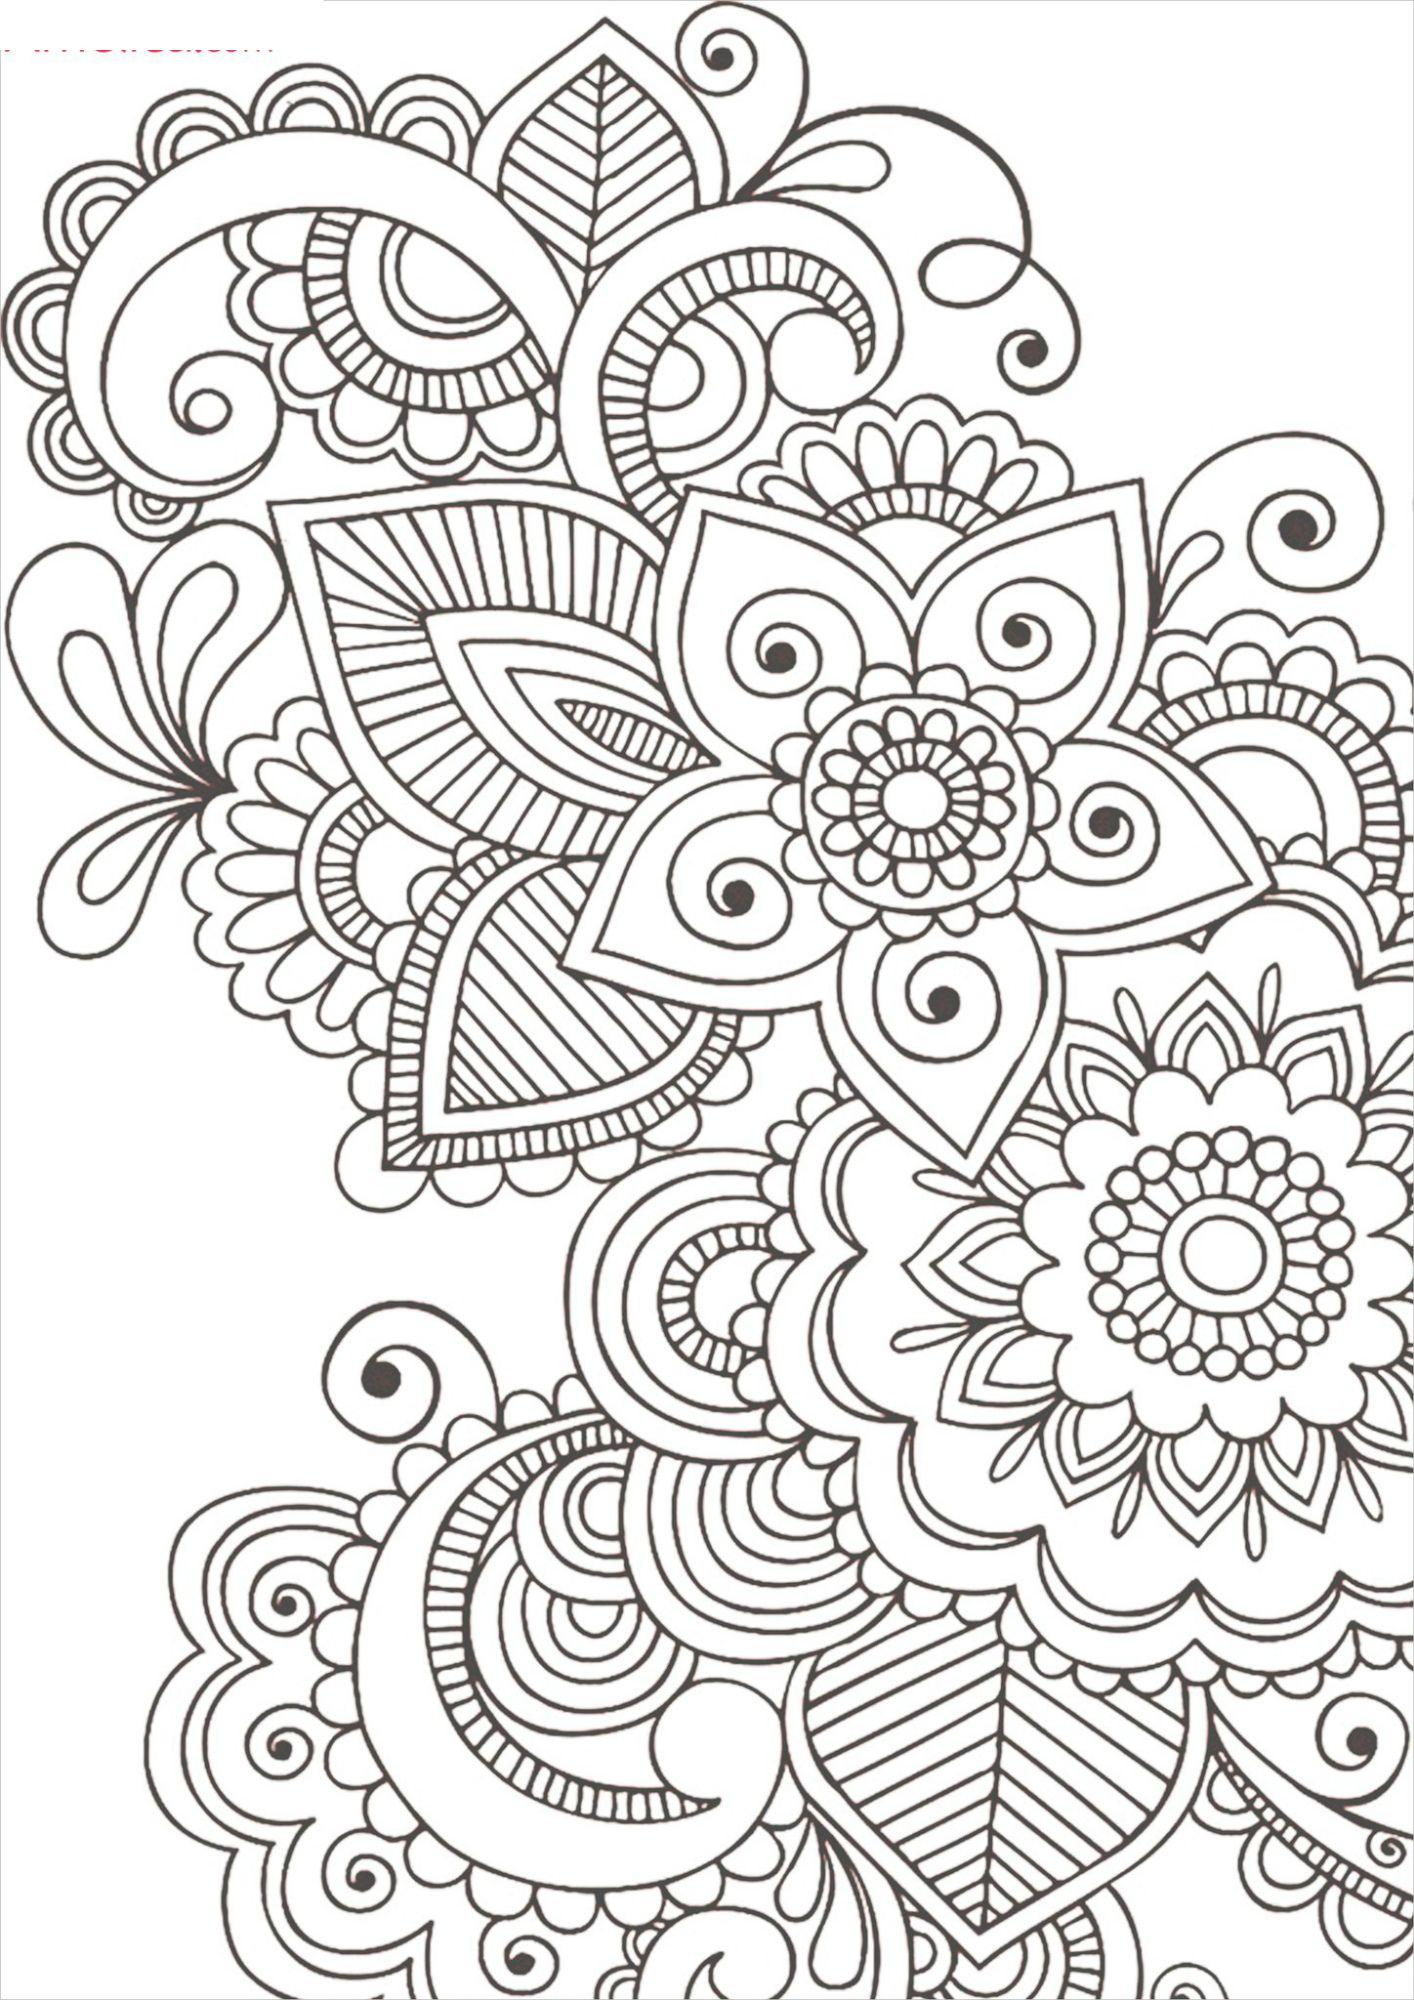 Раскраска-антистресс | Mandalas para colorear animales ...